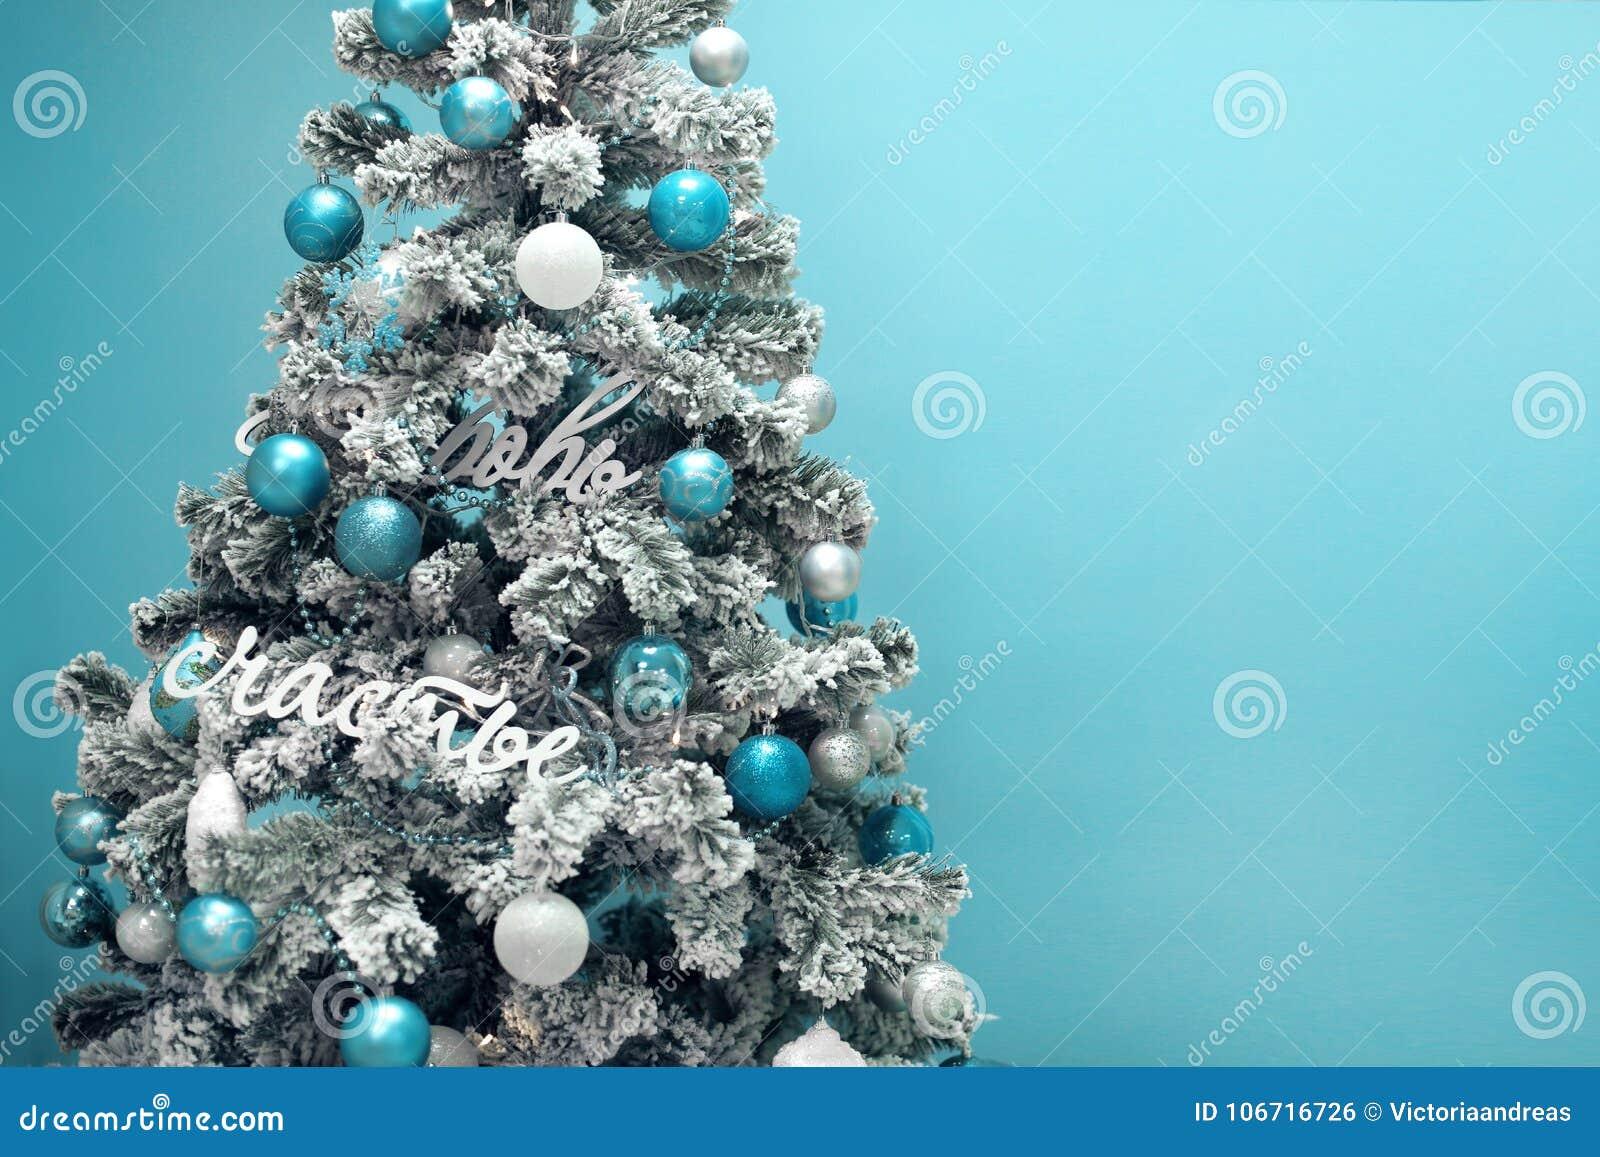 Decorazioni Albero Di Natale Blu : Albero di natale di snowy con la decorazione blu dei regali su